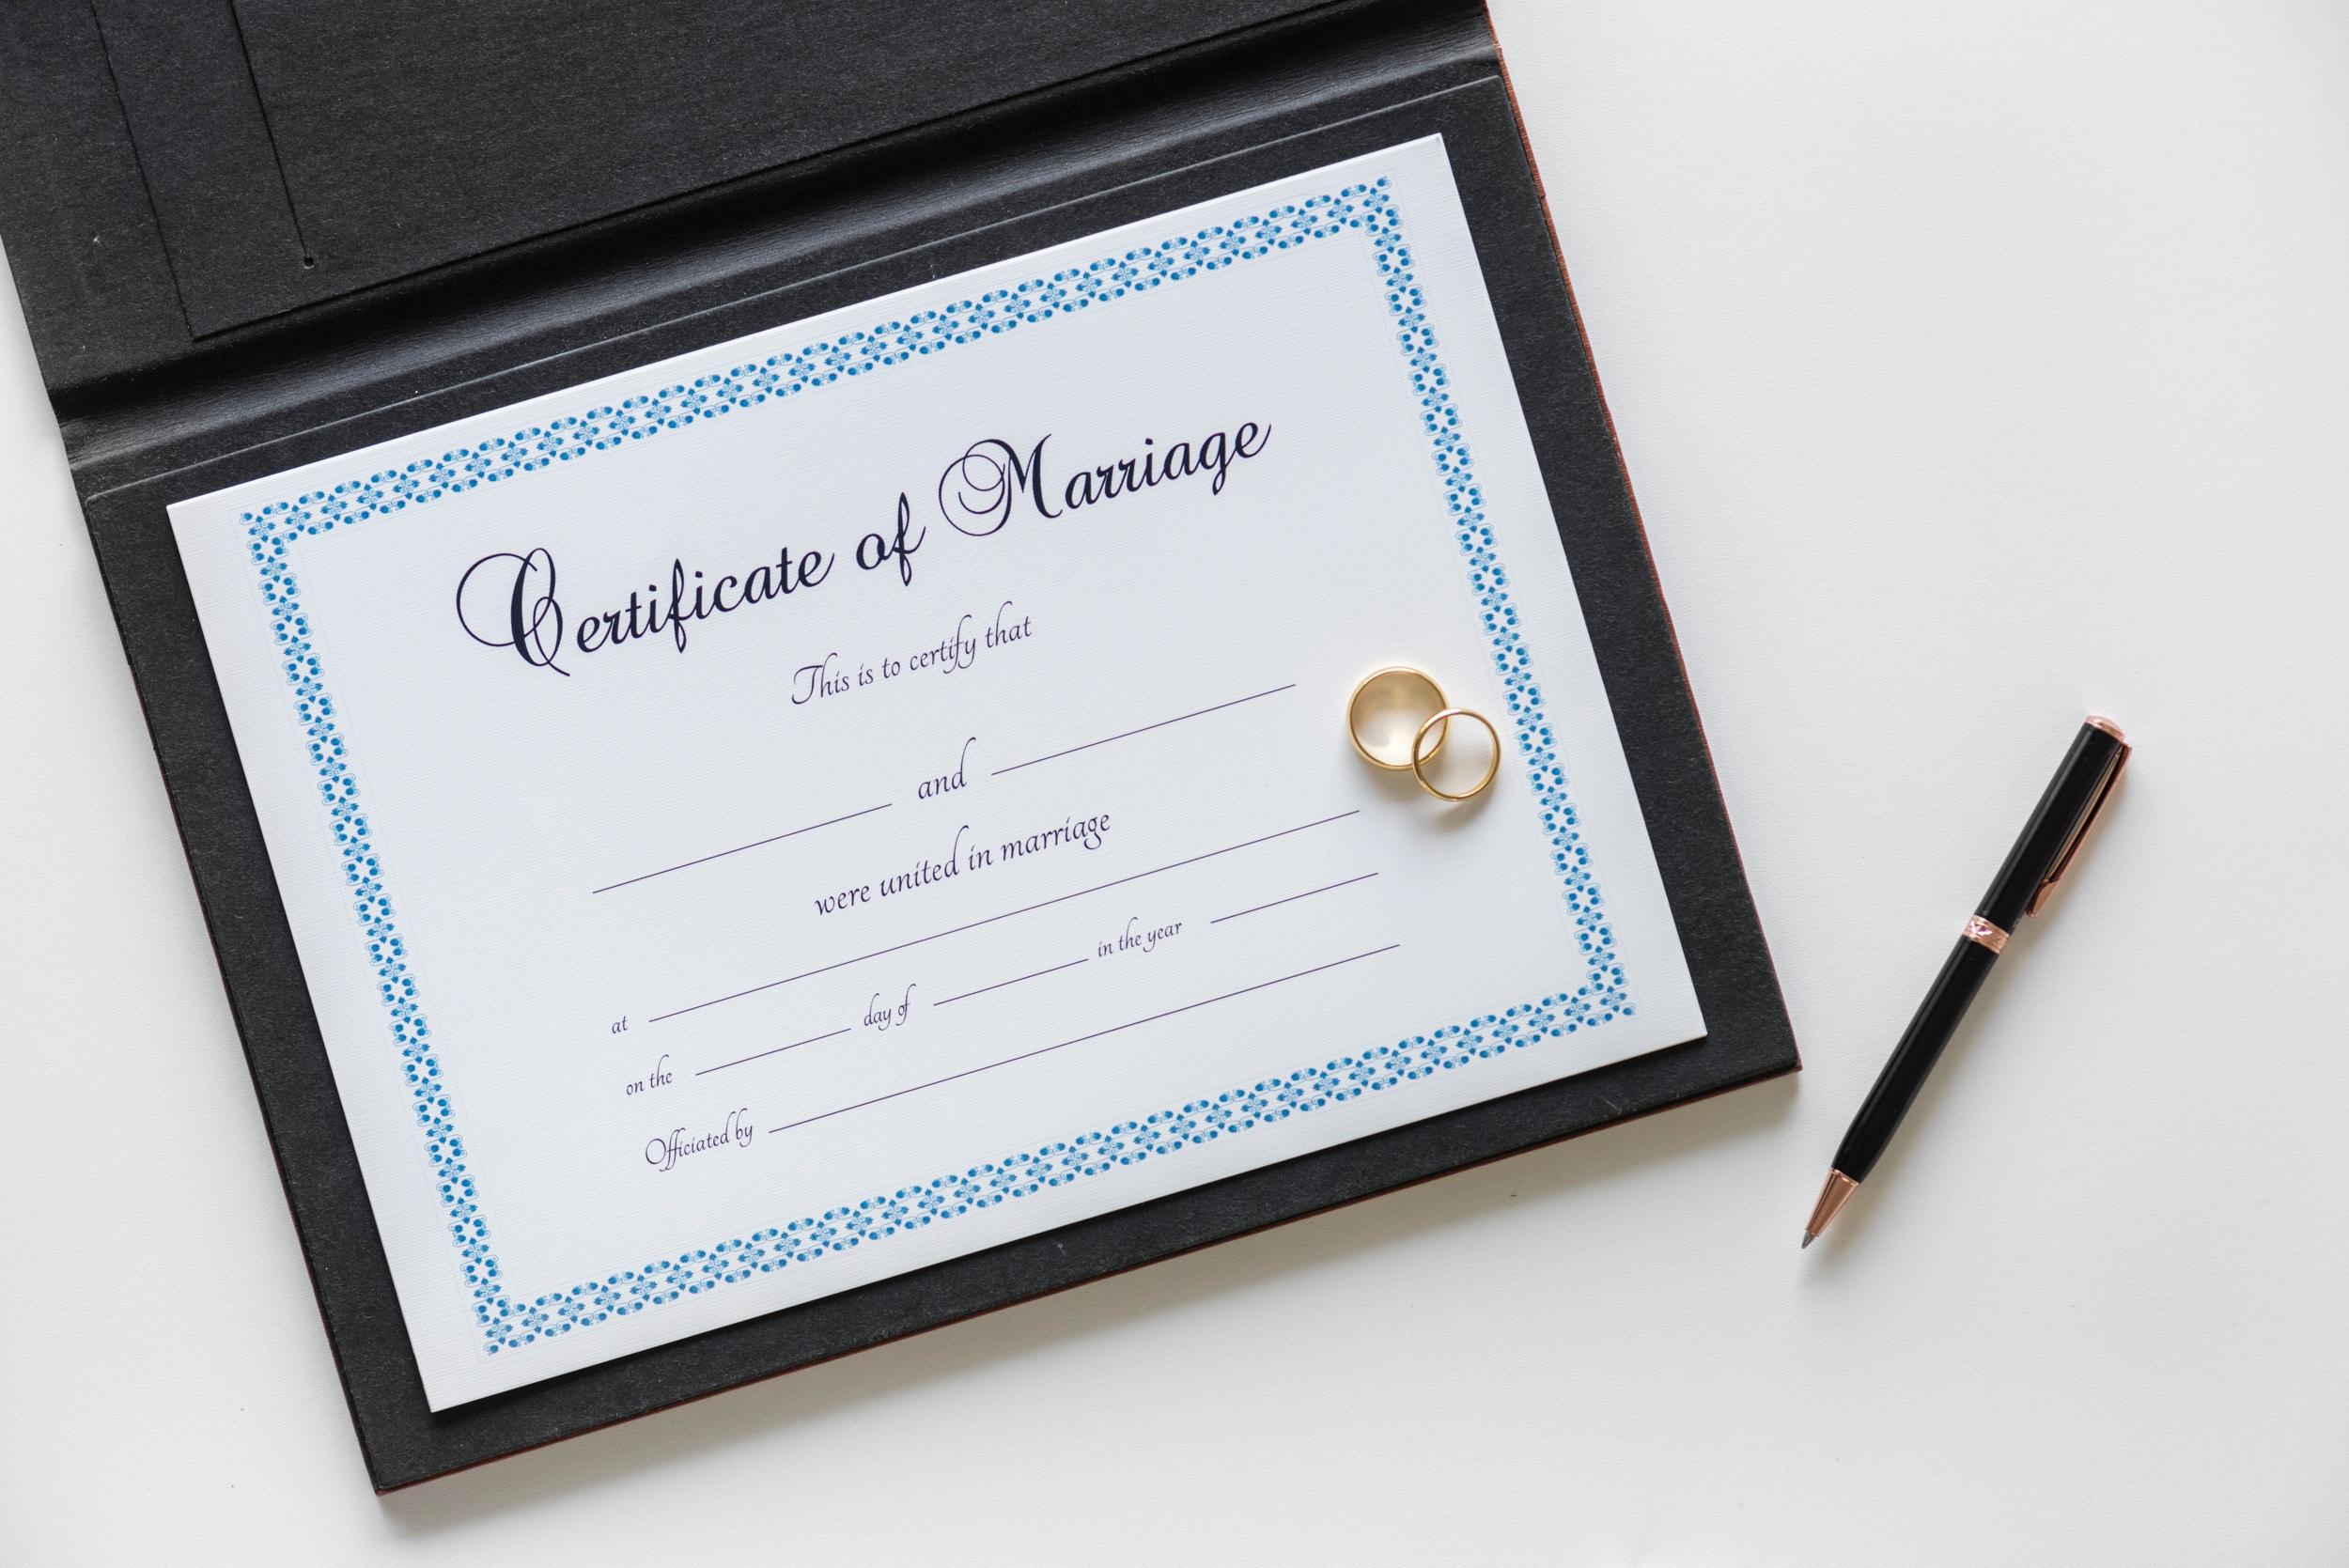 夫婦別姓は日本人同士はダメで、国際結婚なら奨励ってどゆこと?